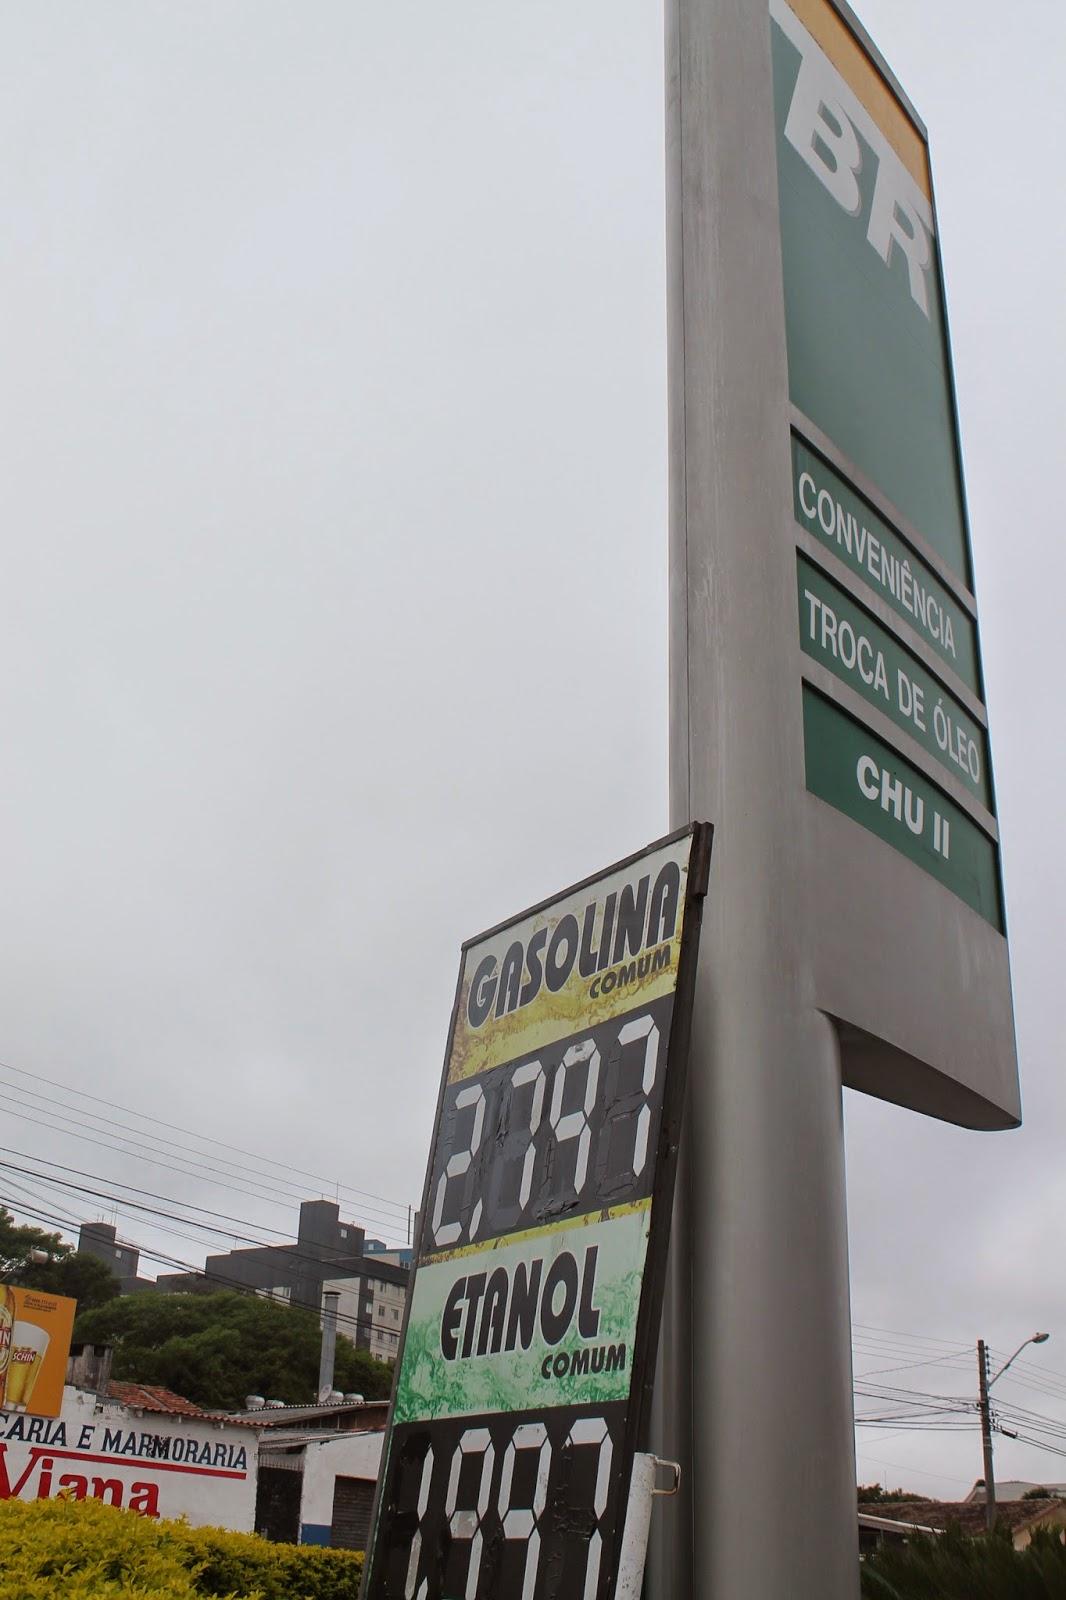 Olho Aberto Paraná  Porque Gasolina tão cara em Laranjeiras do Sul   e1c7c342bd138